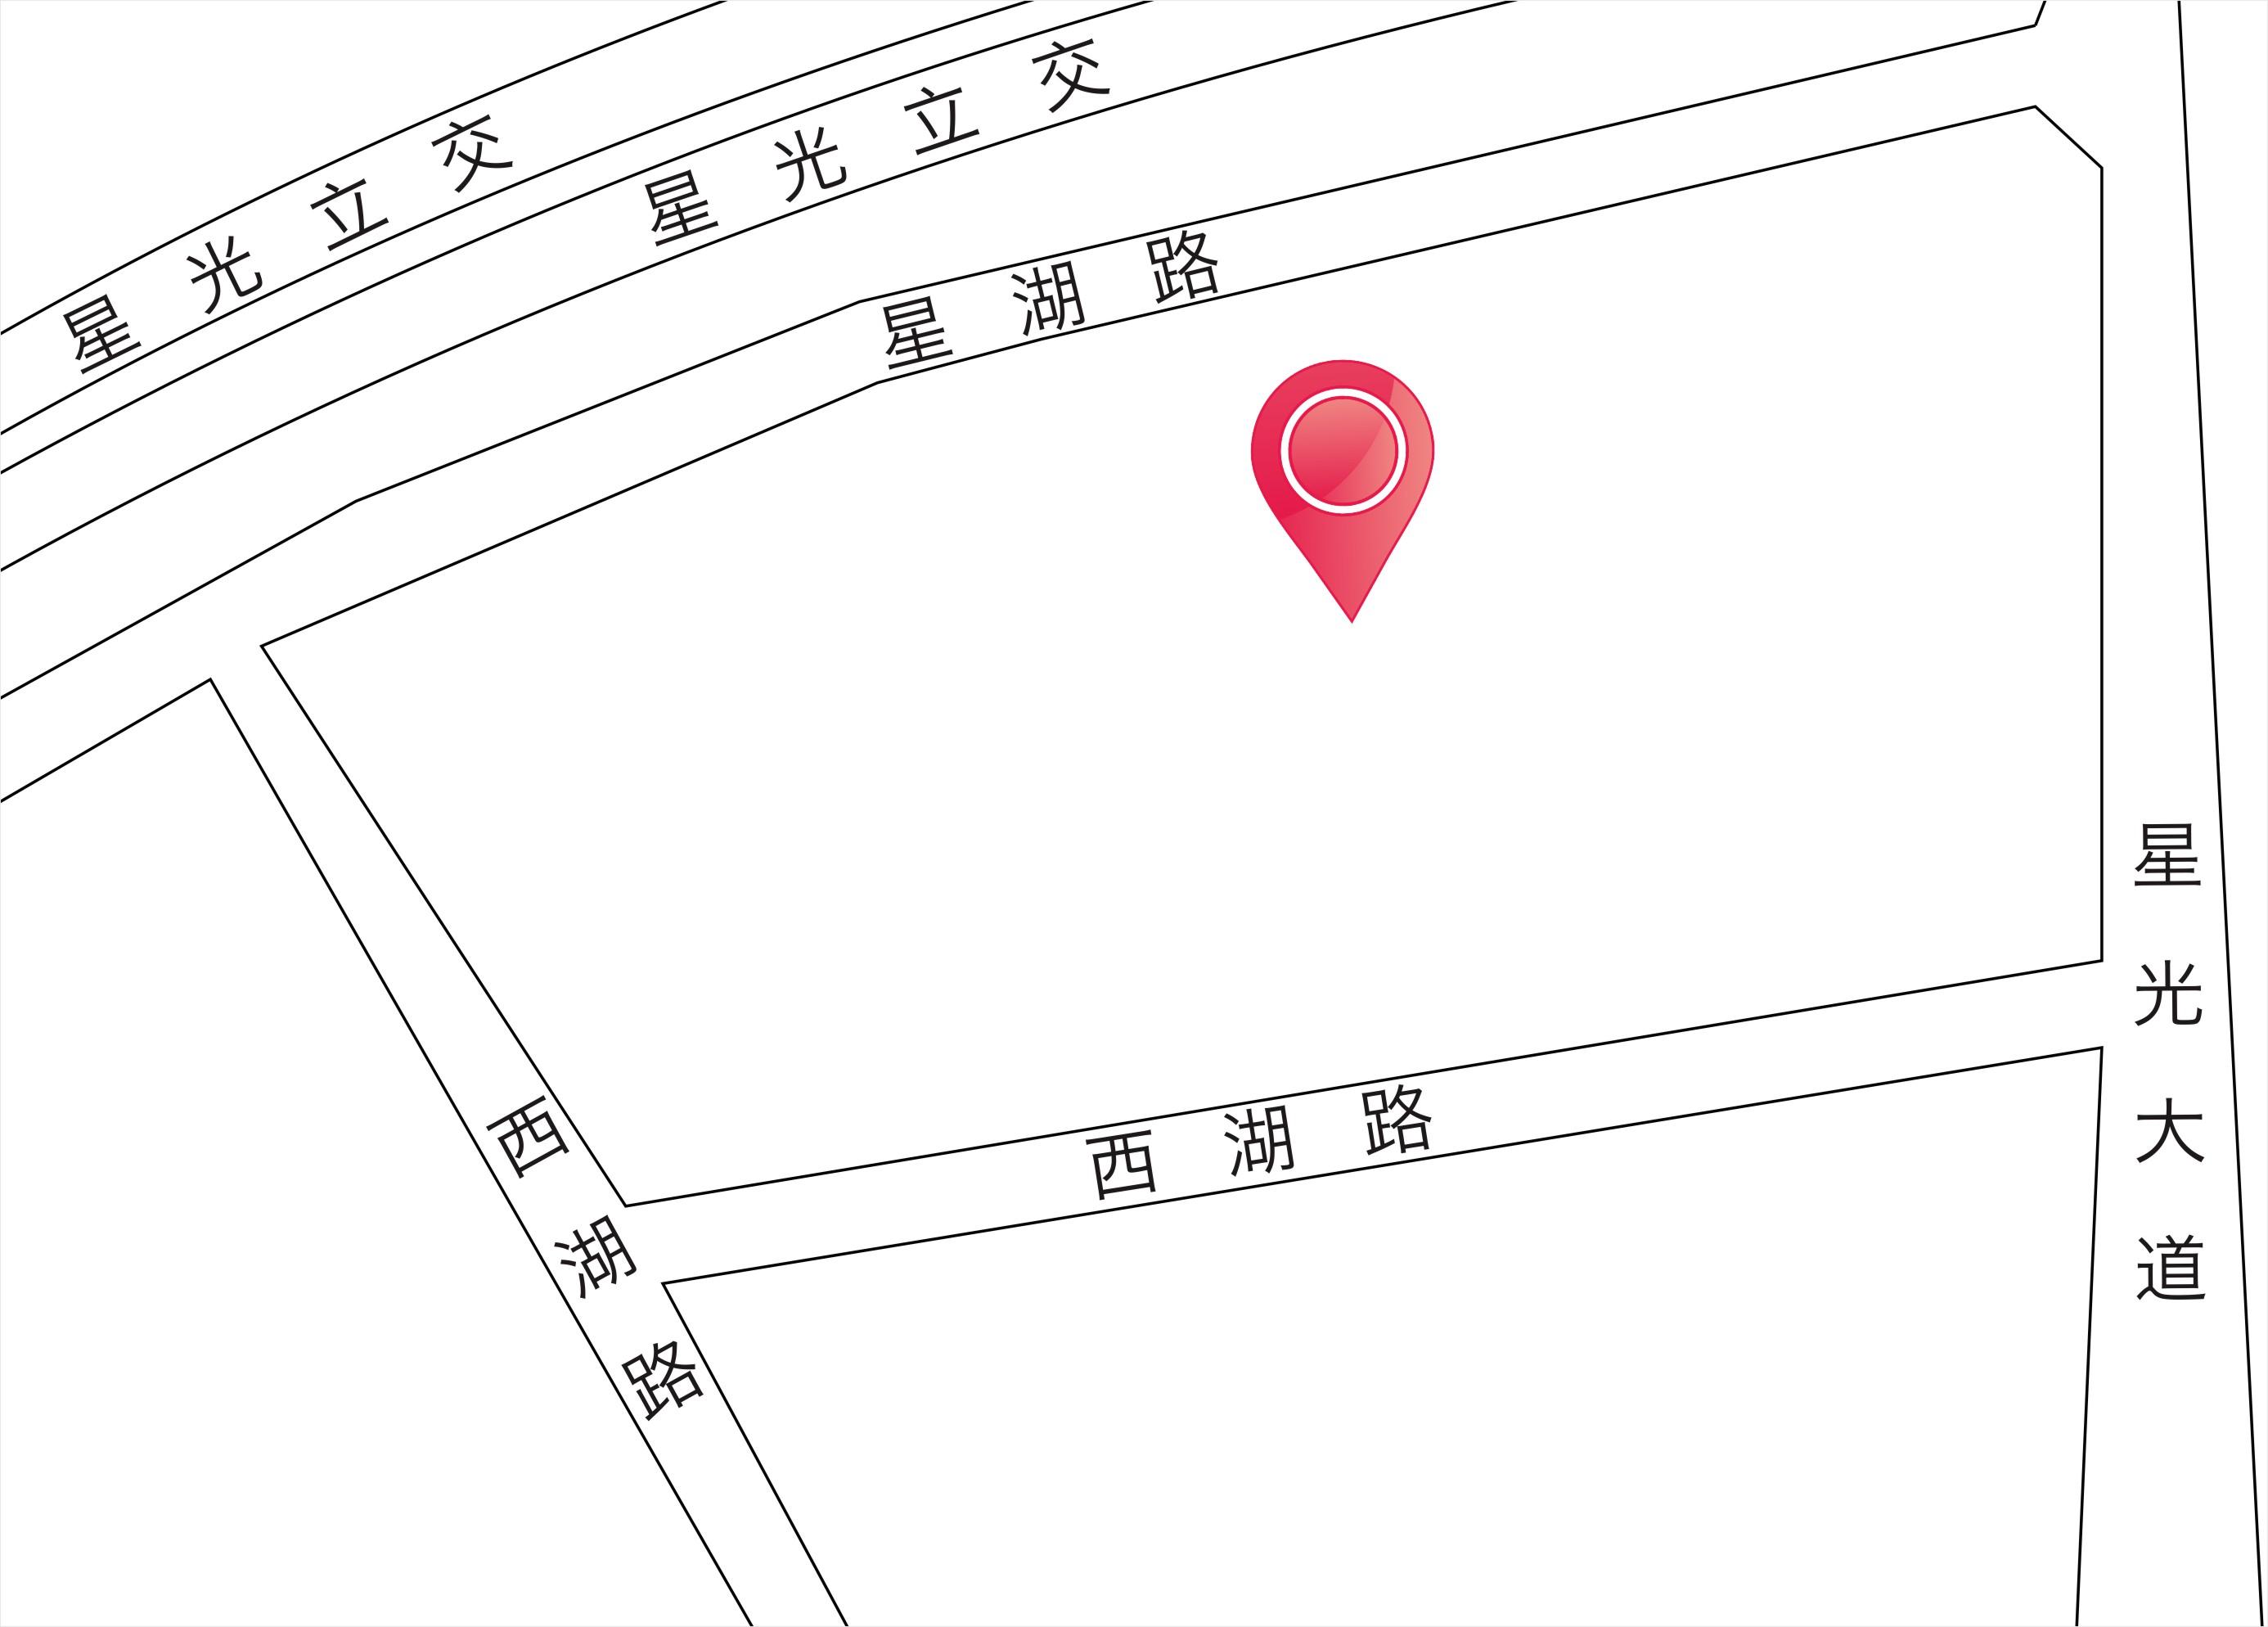 微信公司地图.cdr_0002.JPG